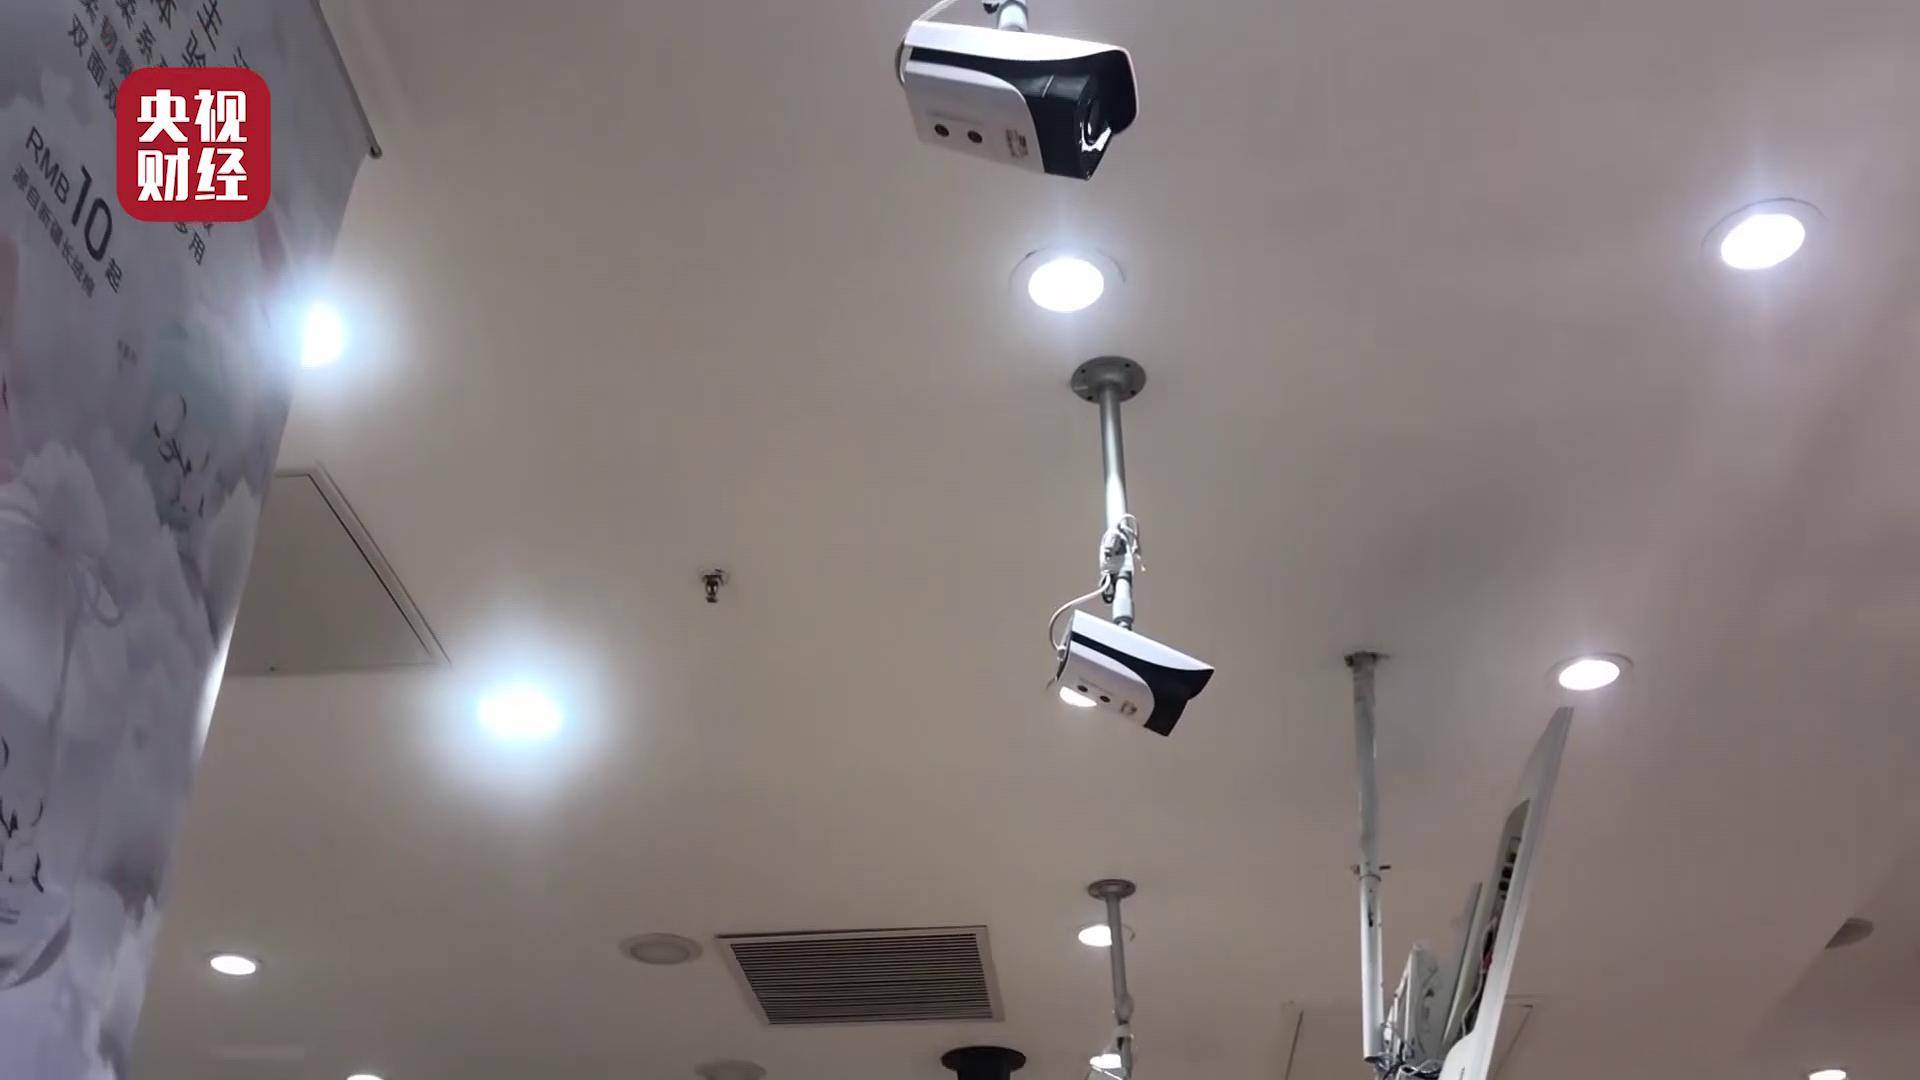 315晚会曝多家知名商店安装人脸识别摄像头,海量人脸信息已被搜集_科勒